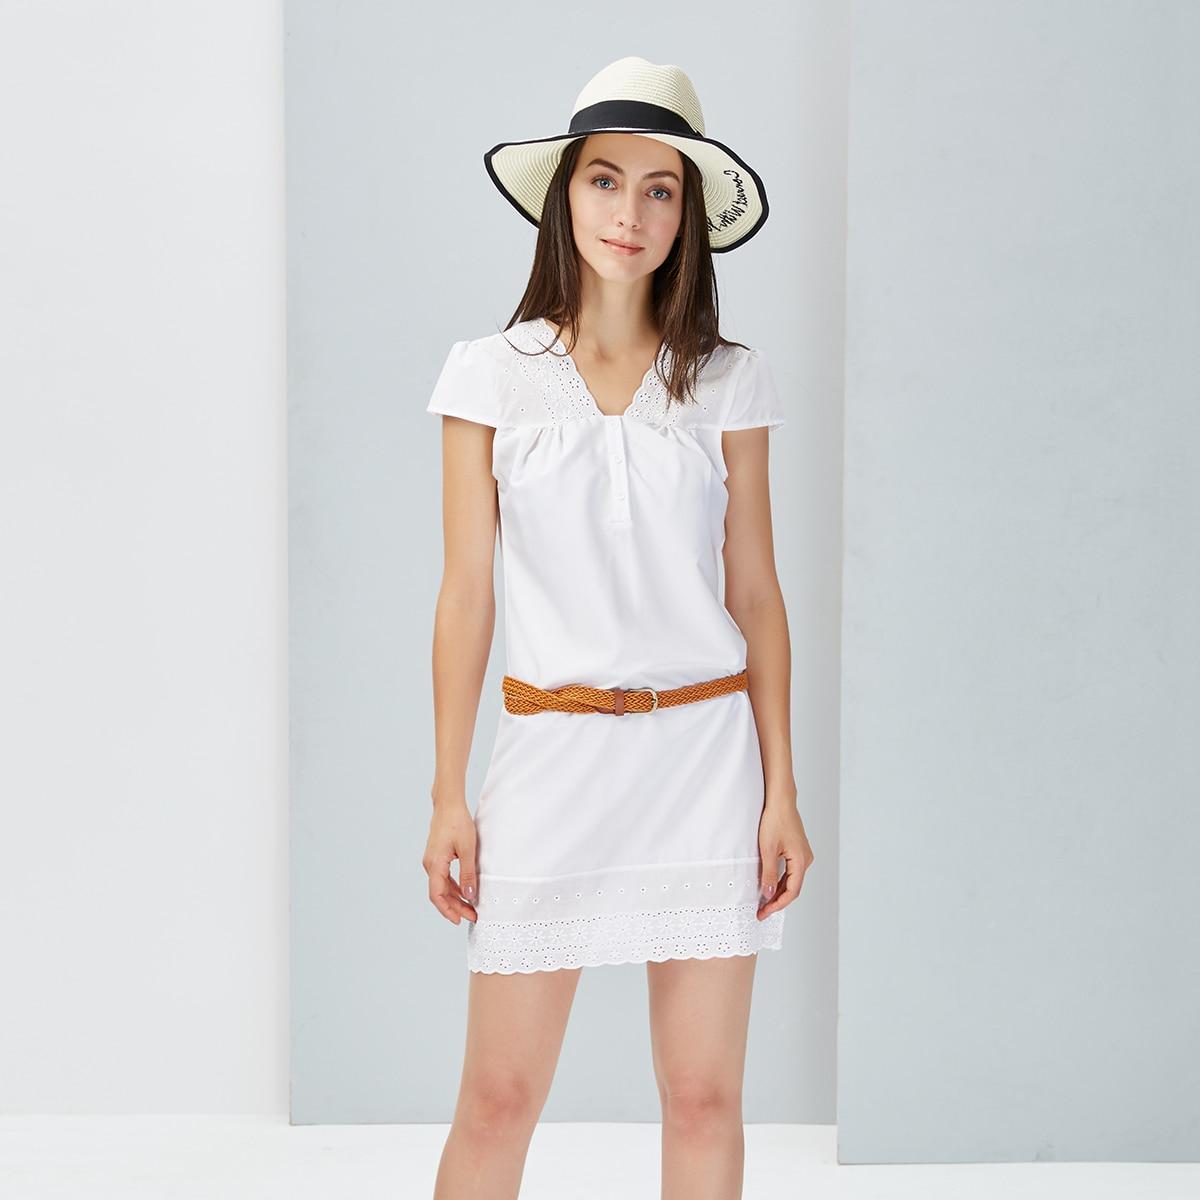 Großartig Sexy Weiße Partykleider Fotos - Brautkleider Ideen ...